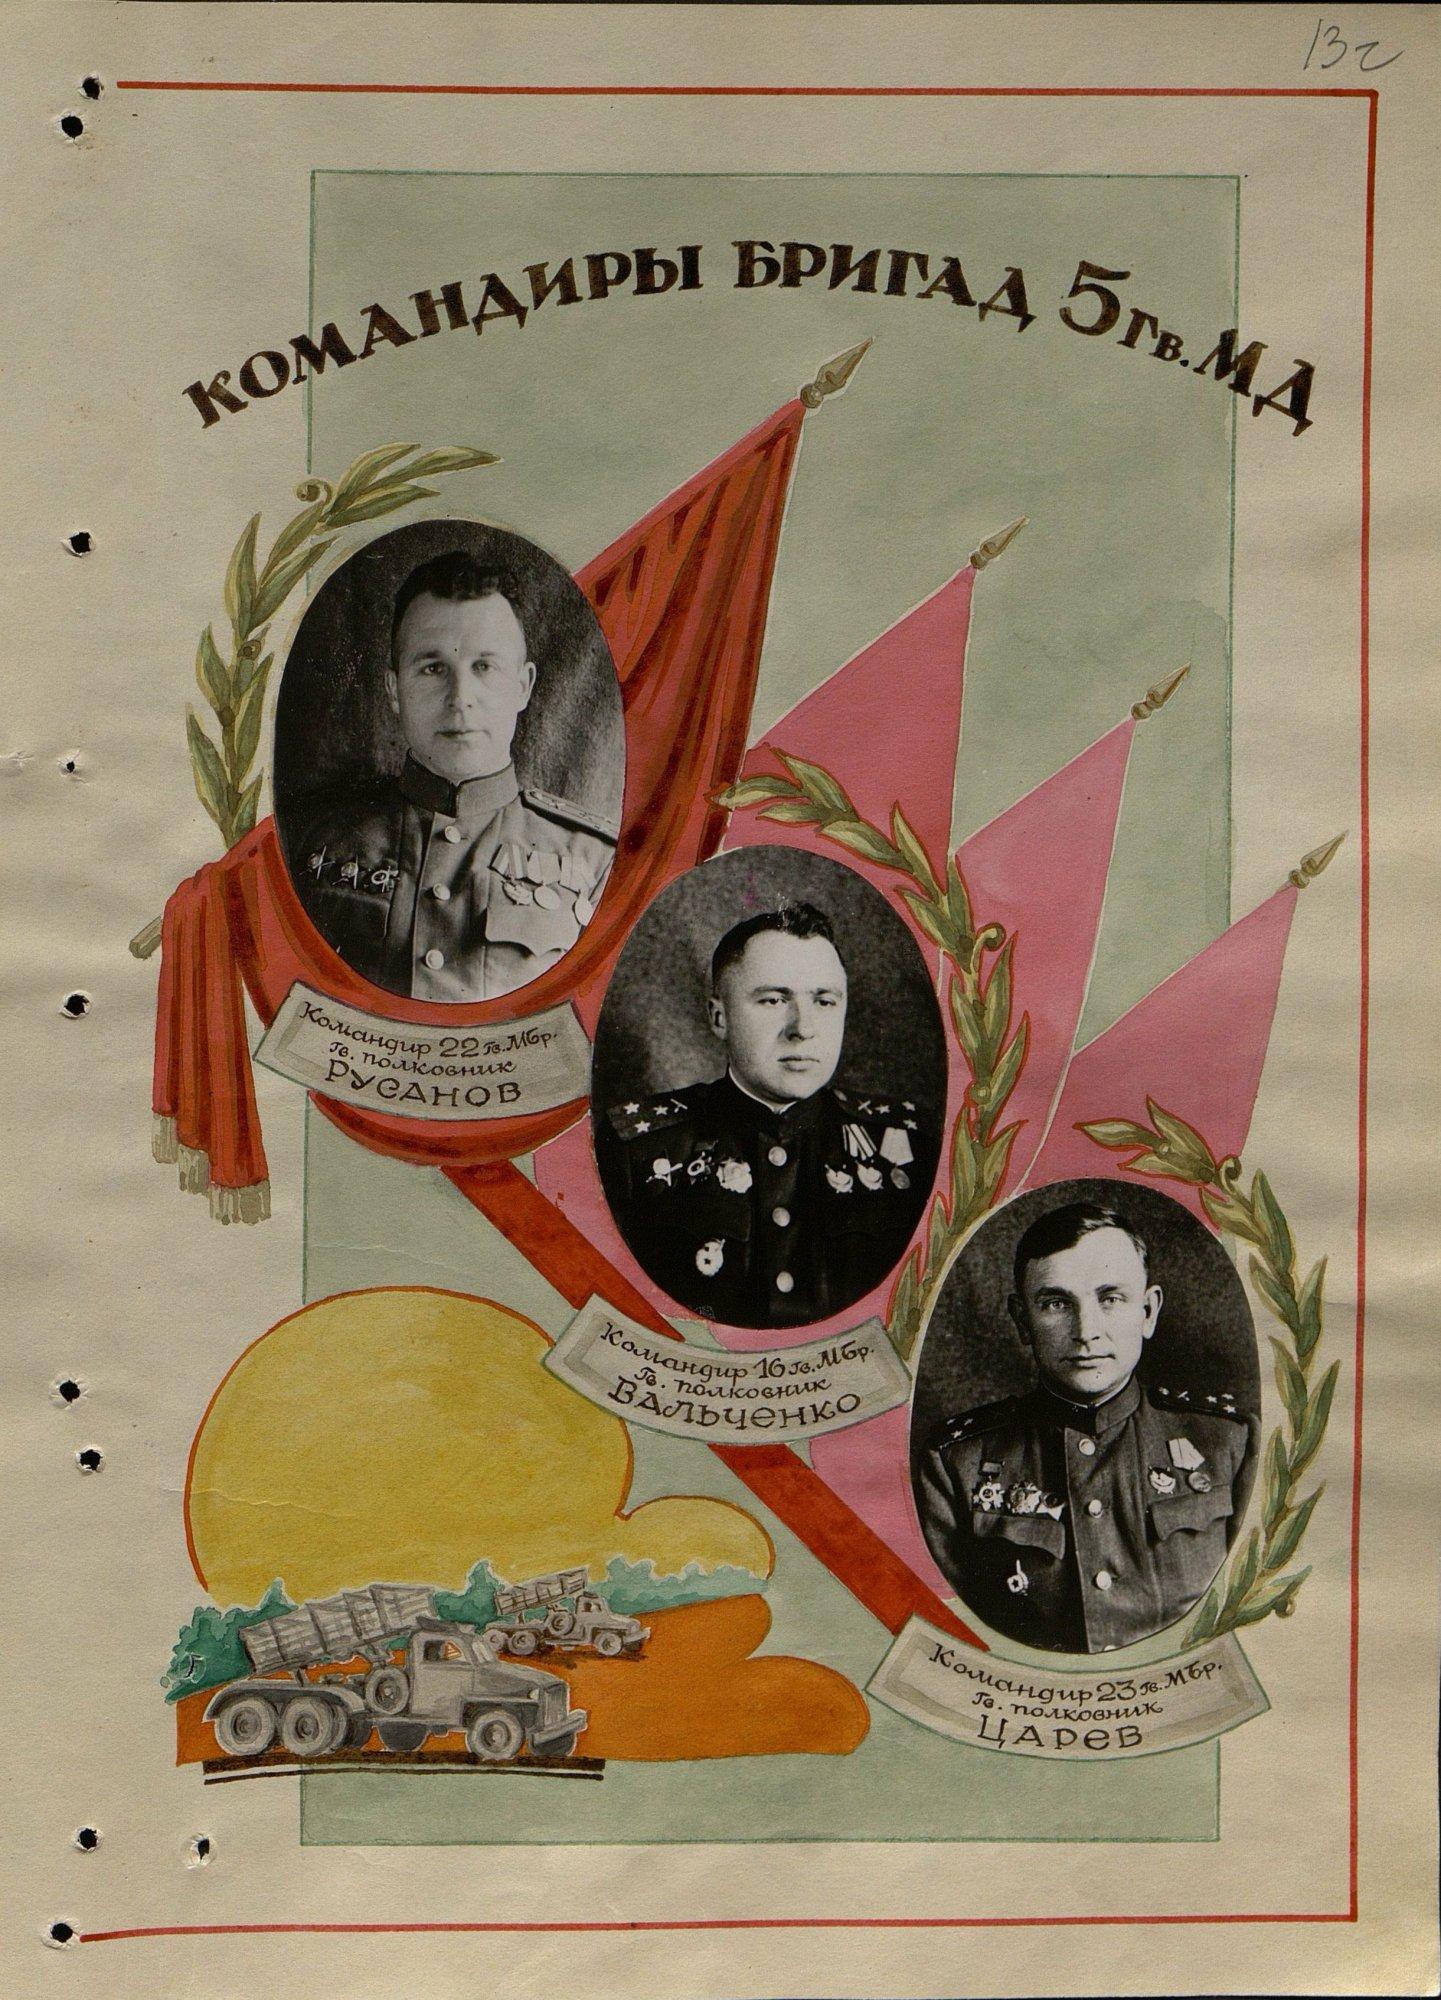 Отчет о боевых действиях 4 артиллерийского корпуса РВГК